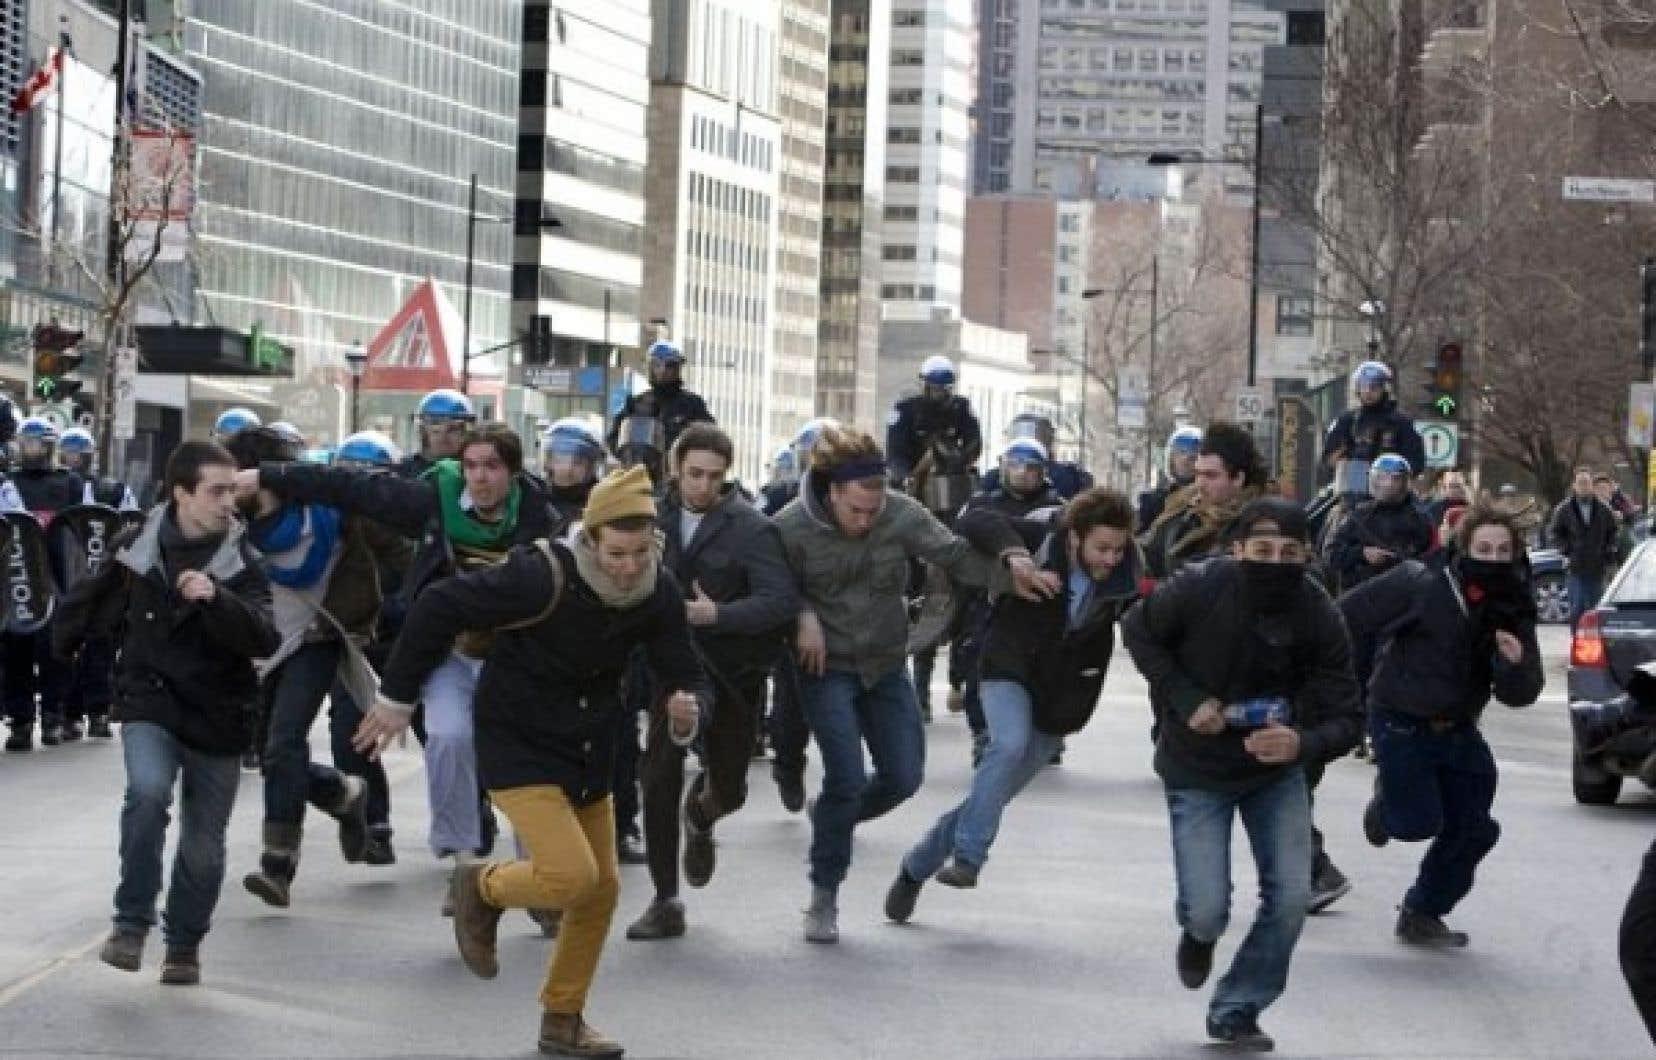 La manifestation du 31 mars avait réuni plusieurs milliers d'étudiants au centre-ville de Montréal.